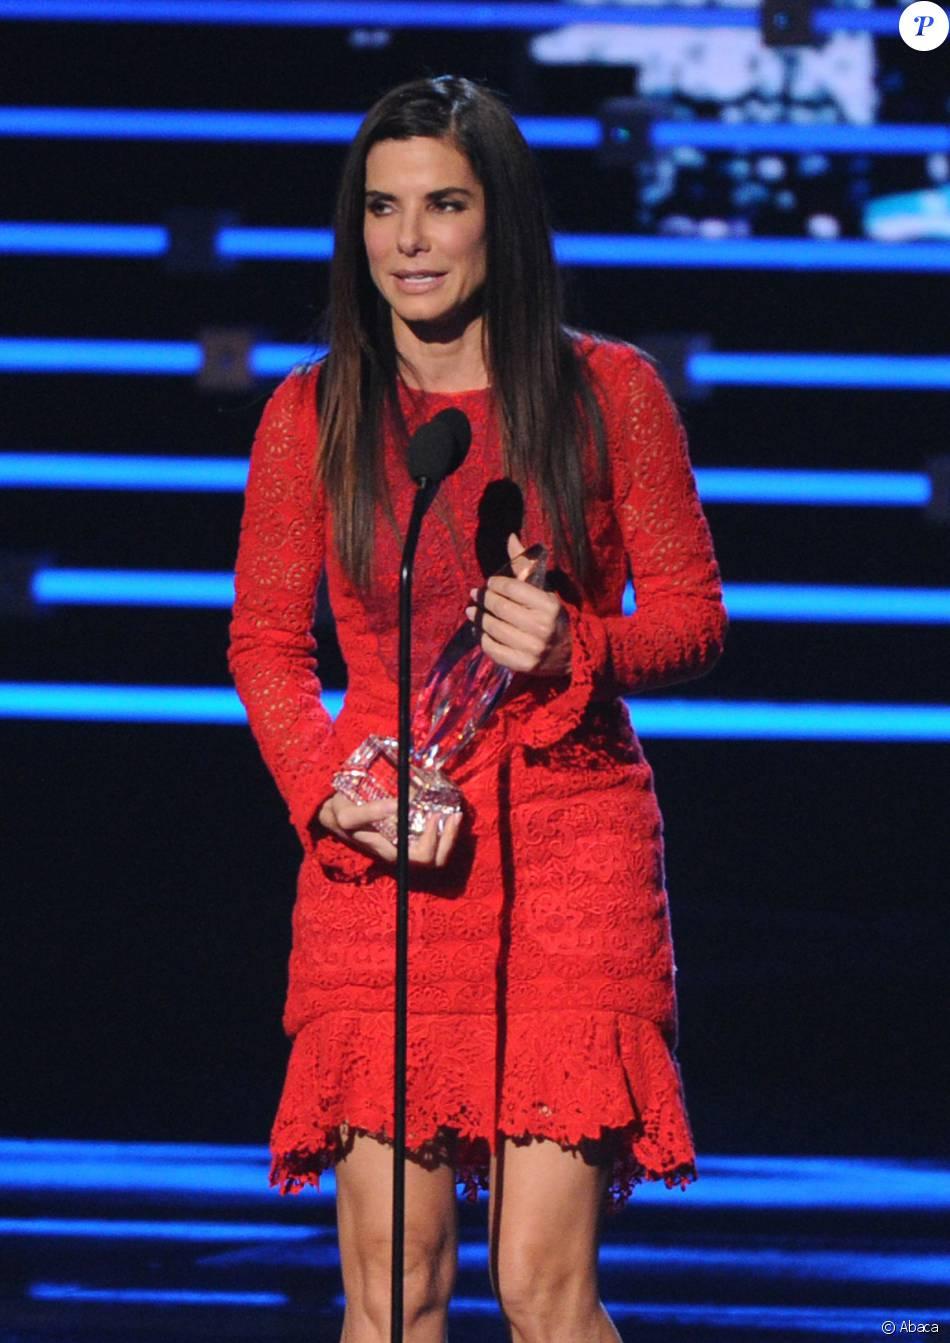 Sandra Bullock lorsqu'elle obtient le prix d'actrice préférée aux People's Choice Awards 2016 à Los Angeles le 6 janvier 2016